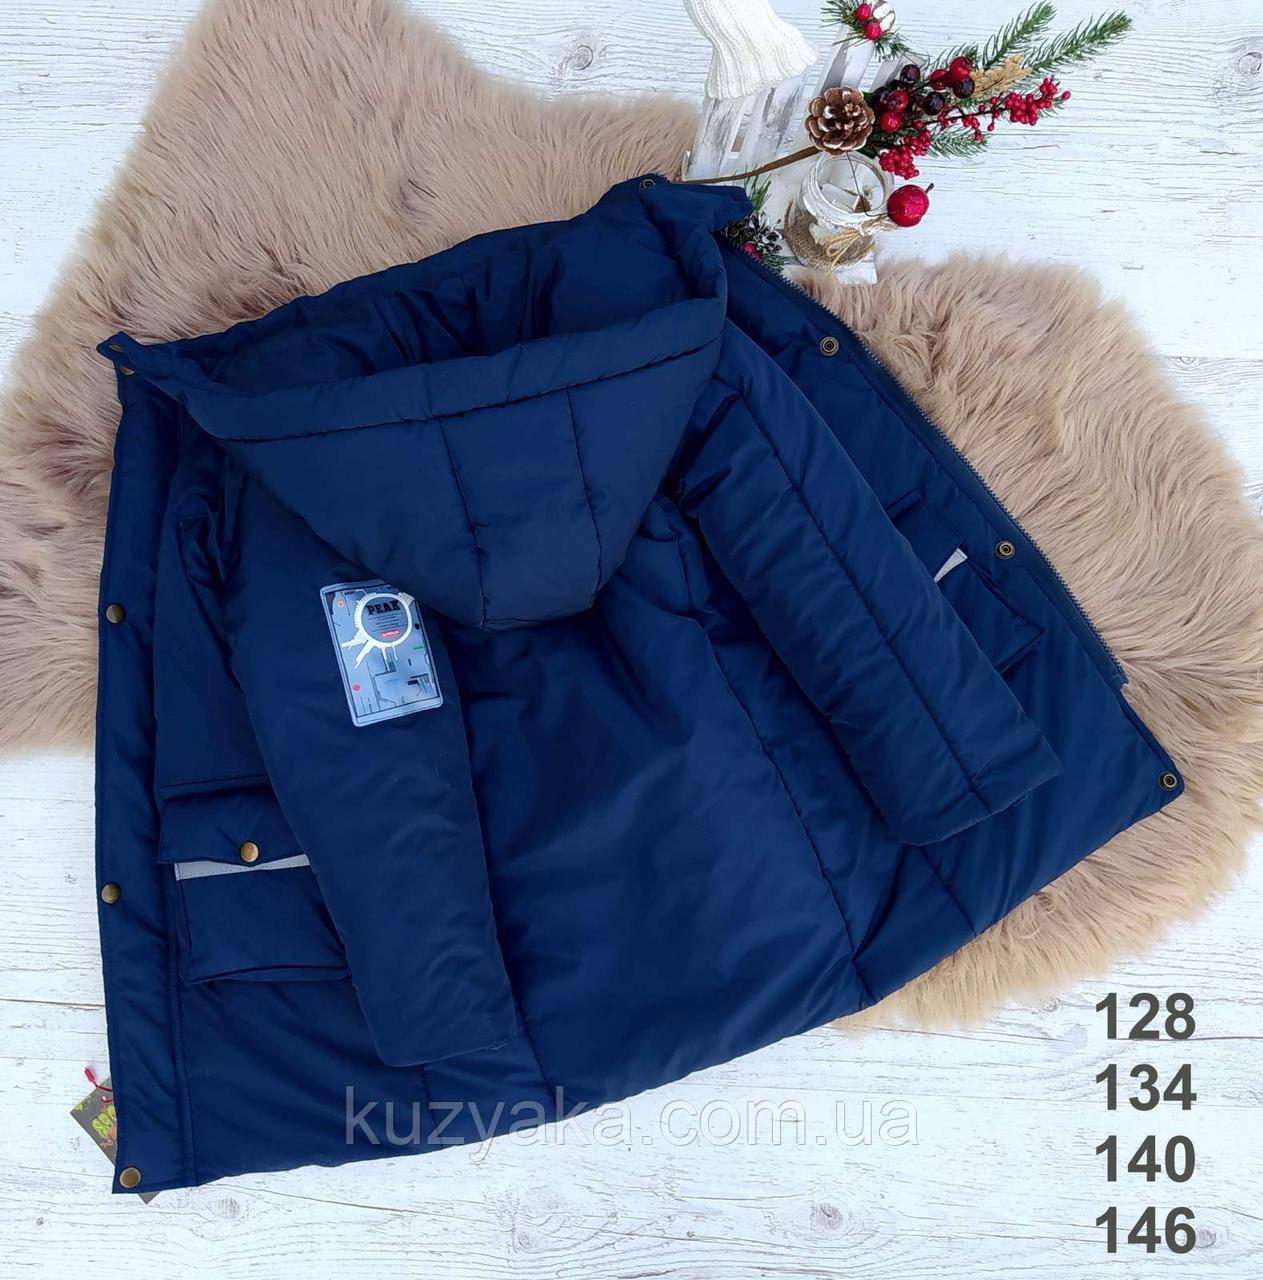 Детская зимняя куртка для мальчика на рост 128 - 146 см